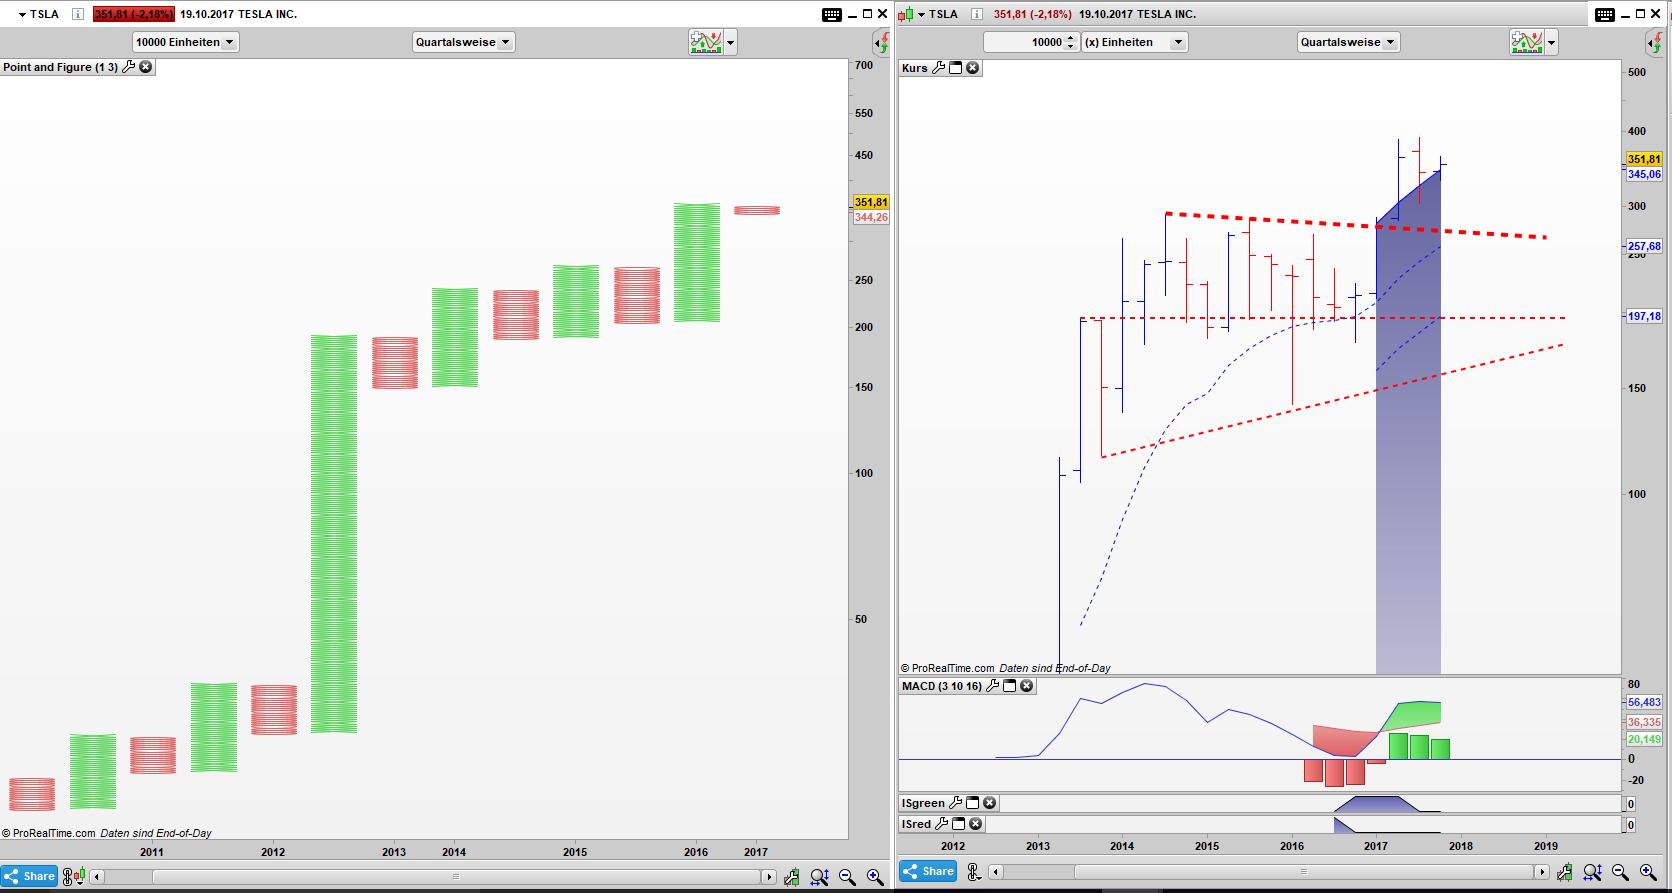 TSLA Point and Figure Quartals Chart, Bar Quartals Chart: Im groben Überblick lässt sich bisher kein Umschwung erkennen